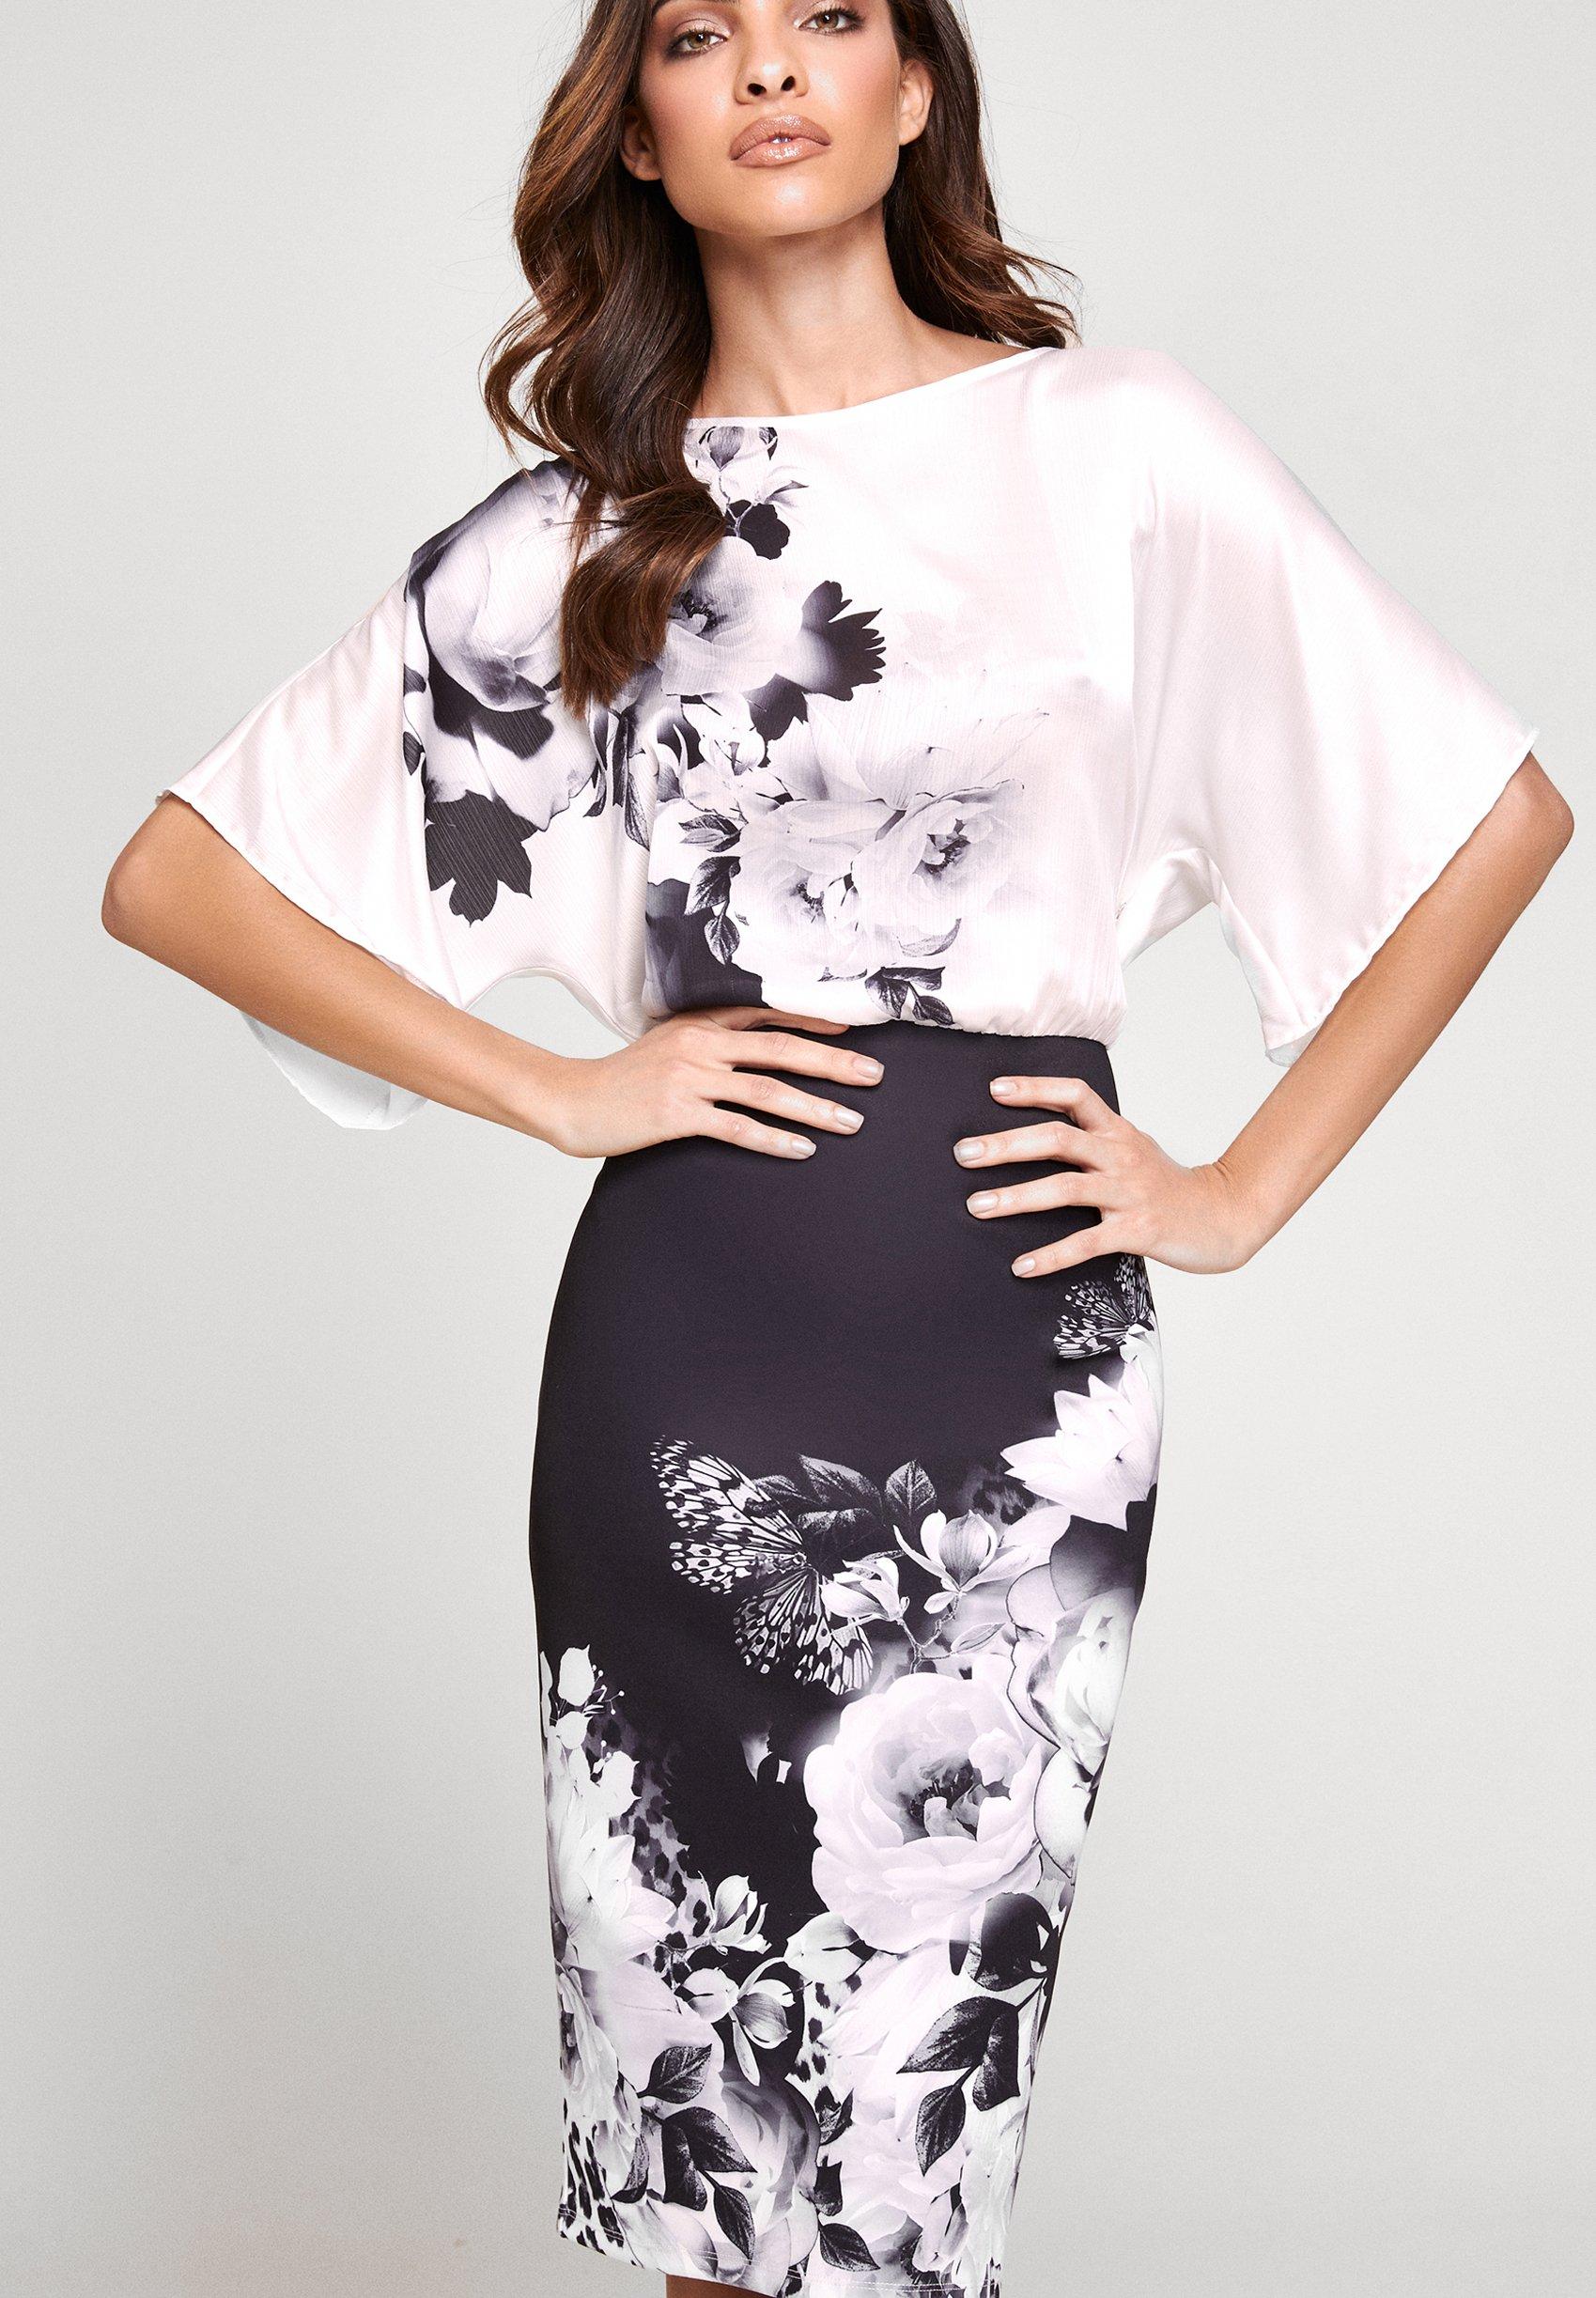 Klänningar online   Köp din klänning på Zalando.se